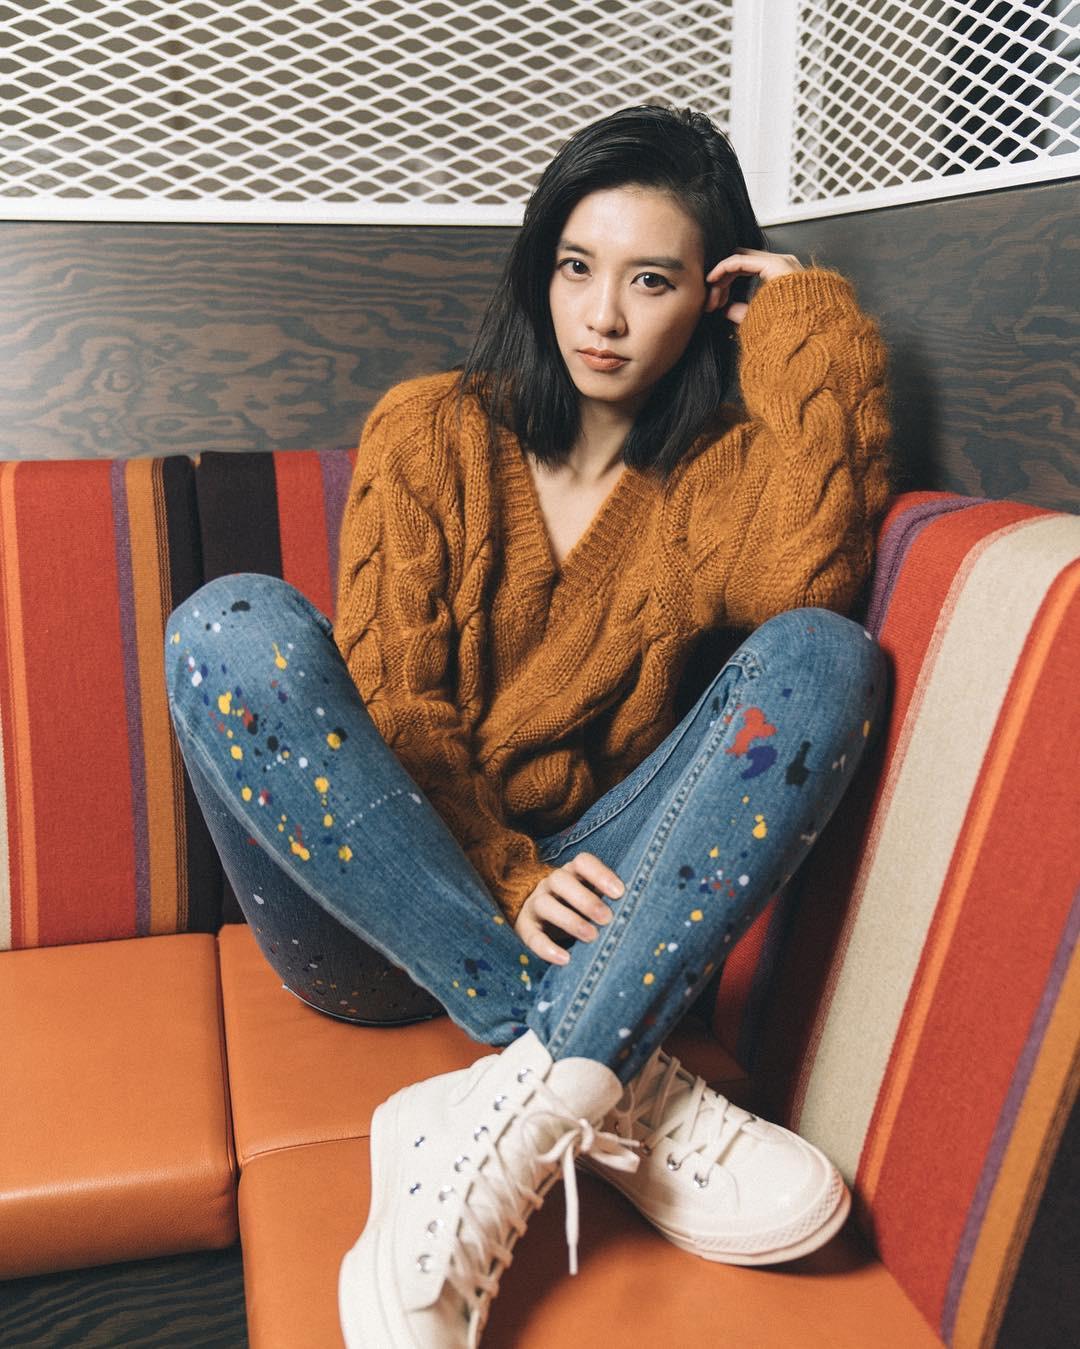 Sắm đủ 5 mẫu áo len này, các nàng sẽ chẳng còn lo mặc gì vừa xinh vừa ấm trong mùa đông năm nay - 1